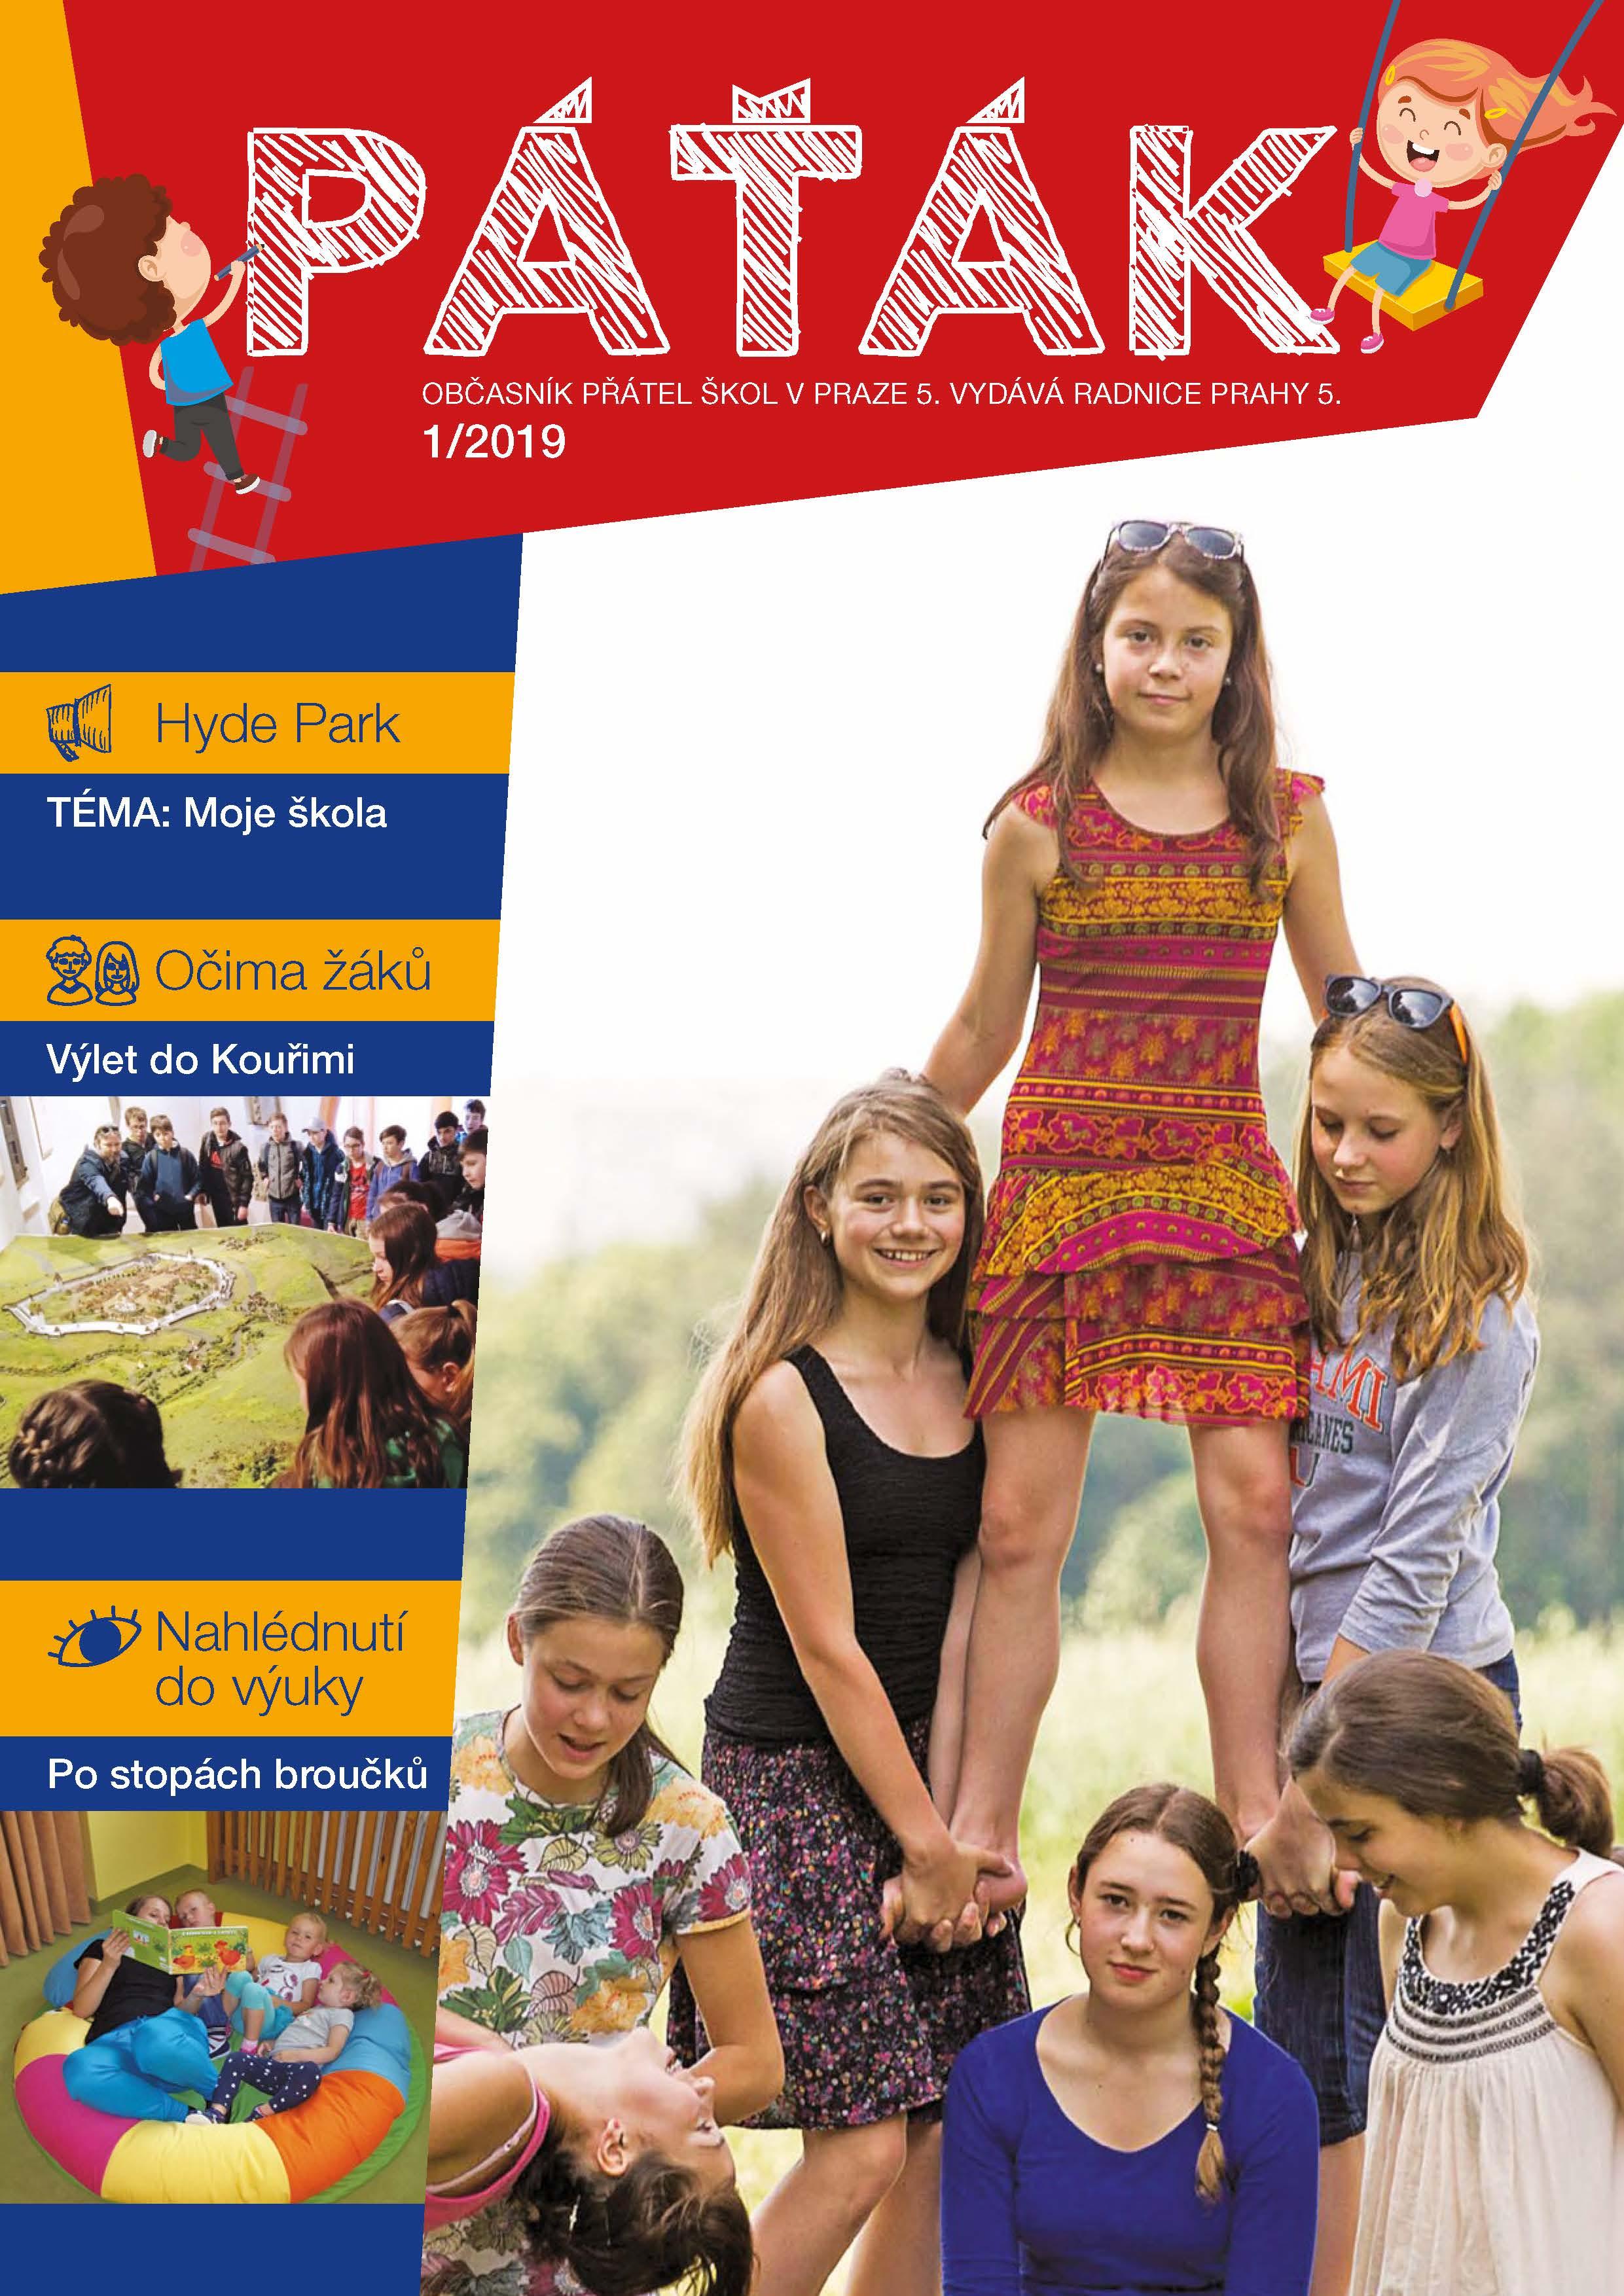 novy-skolni-zpravodaj-patak-propojuje-odborniky-pedagogy-rodice-a-zaky